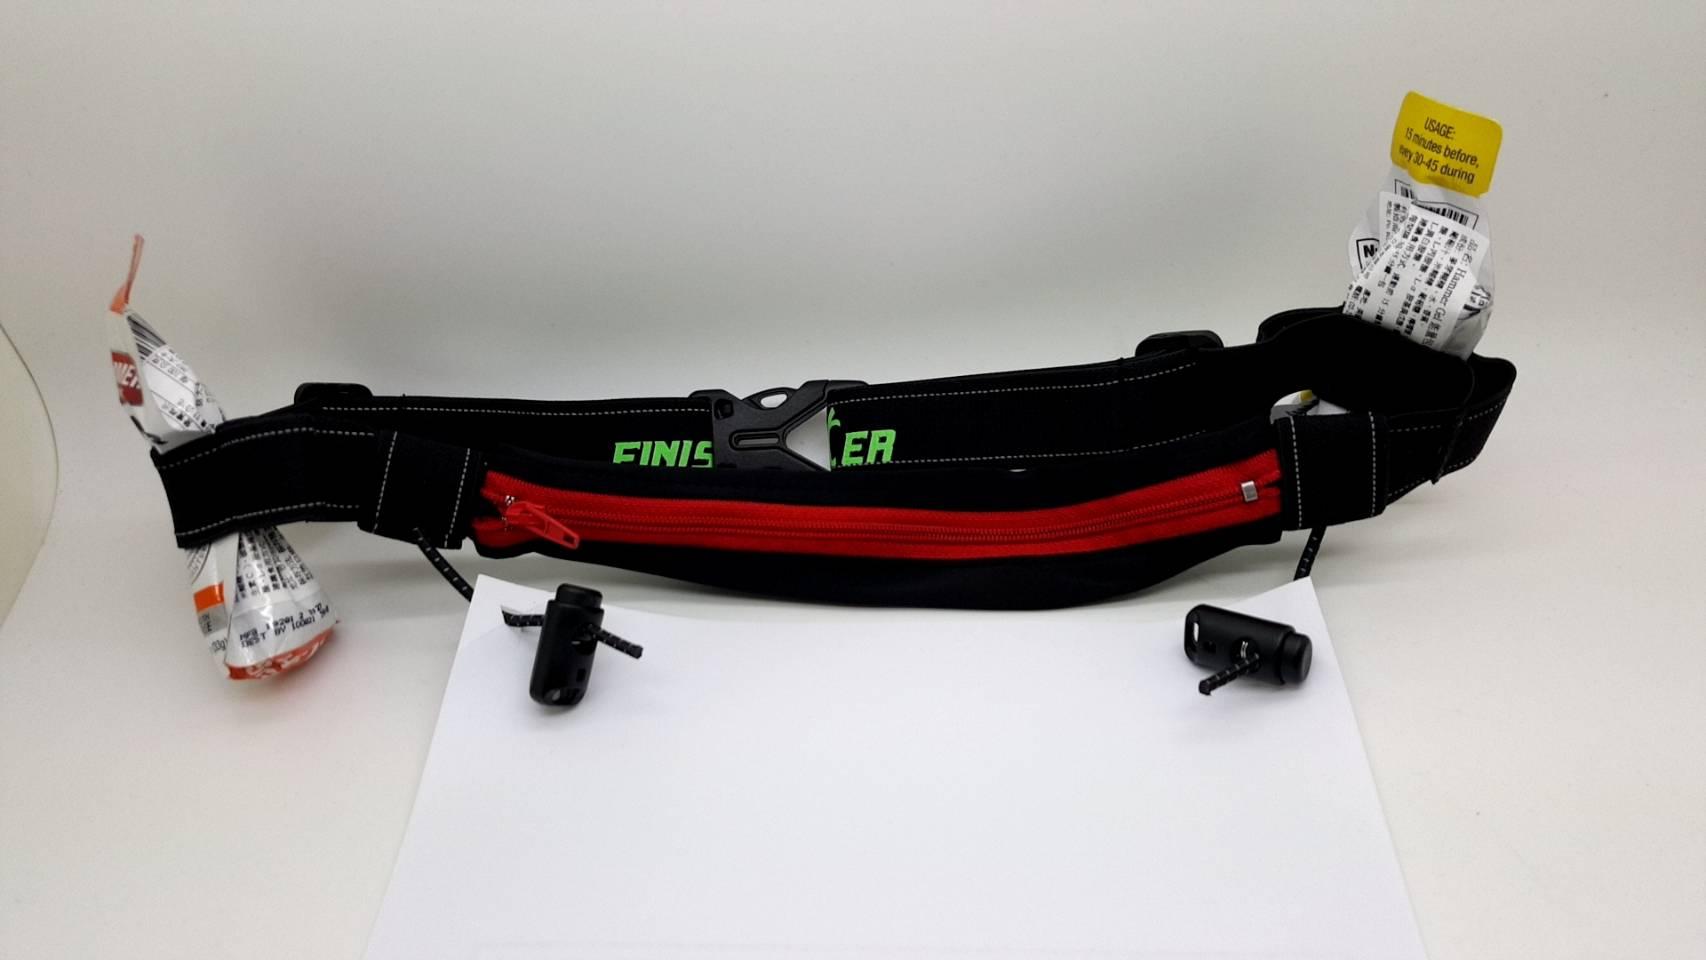 FINISHER 多功腰包 號碼布 6個能量膠固定環 伸縮口袋 反光 安全大提昇 適65-100公分腰圍